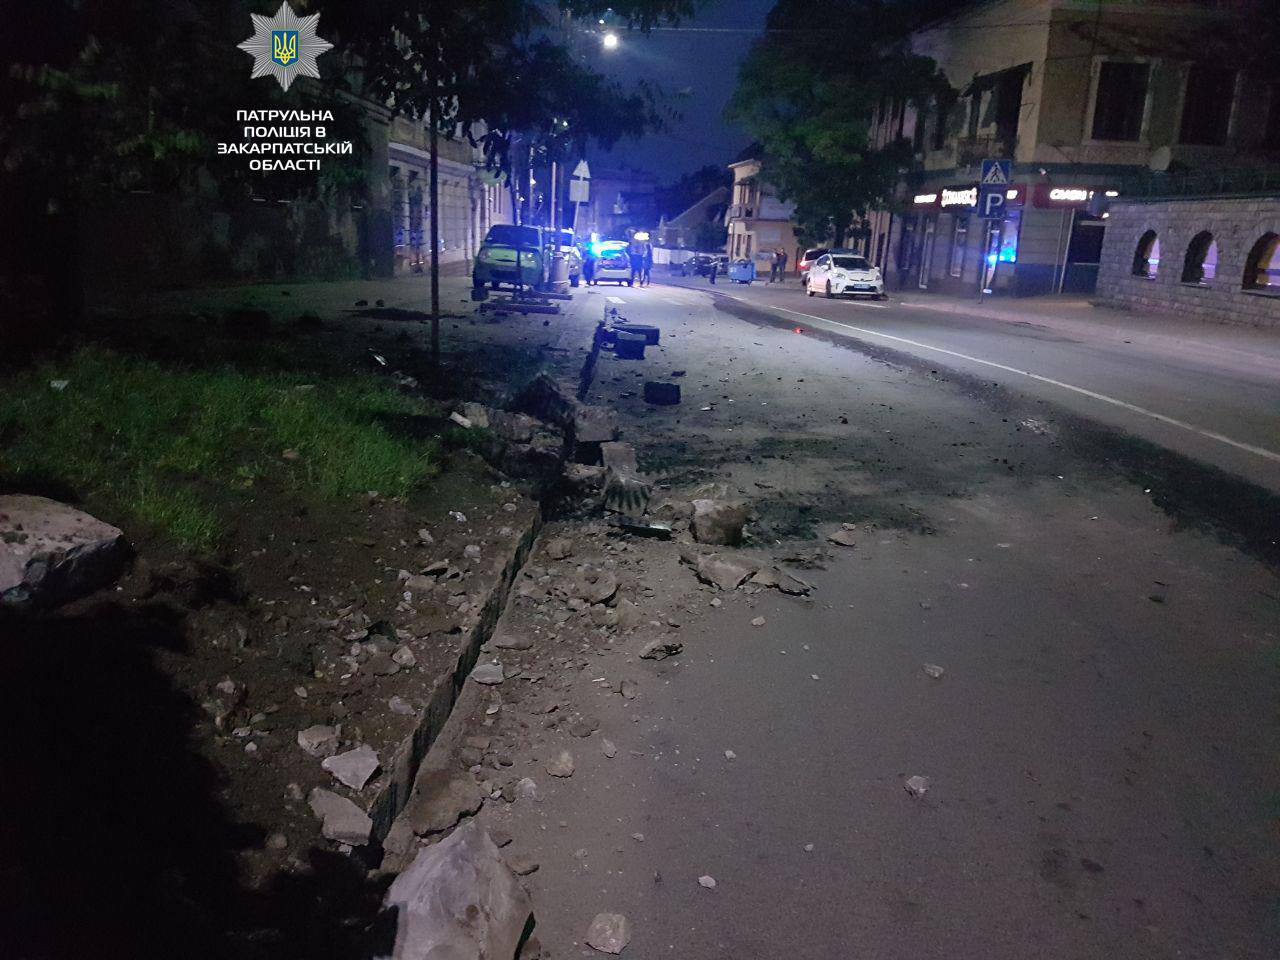 На Собранецькій в Ужгороді ДТП: авто протаранило бордюр і врізалось в будинок (ФОТО)